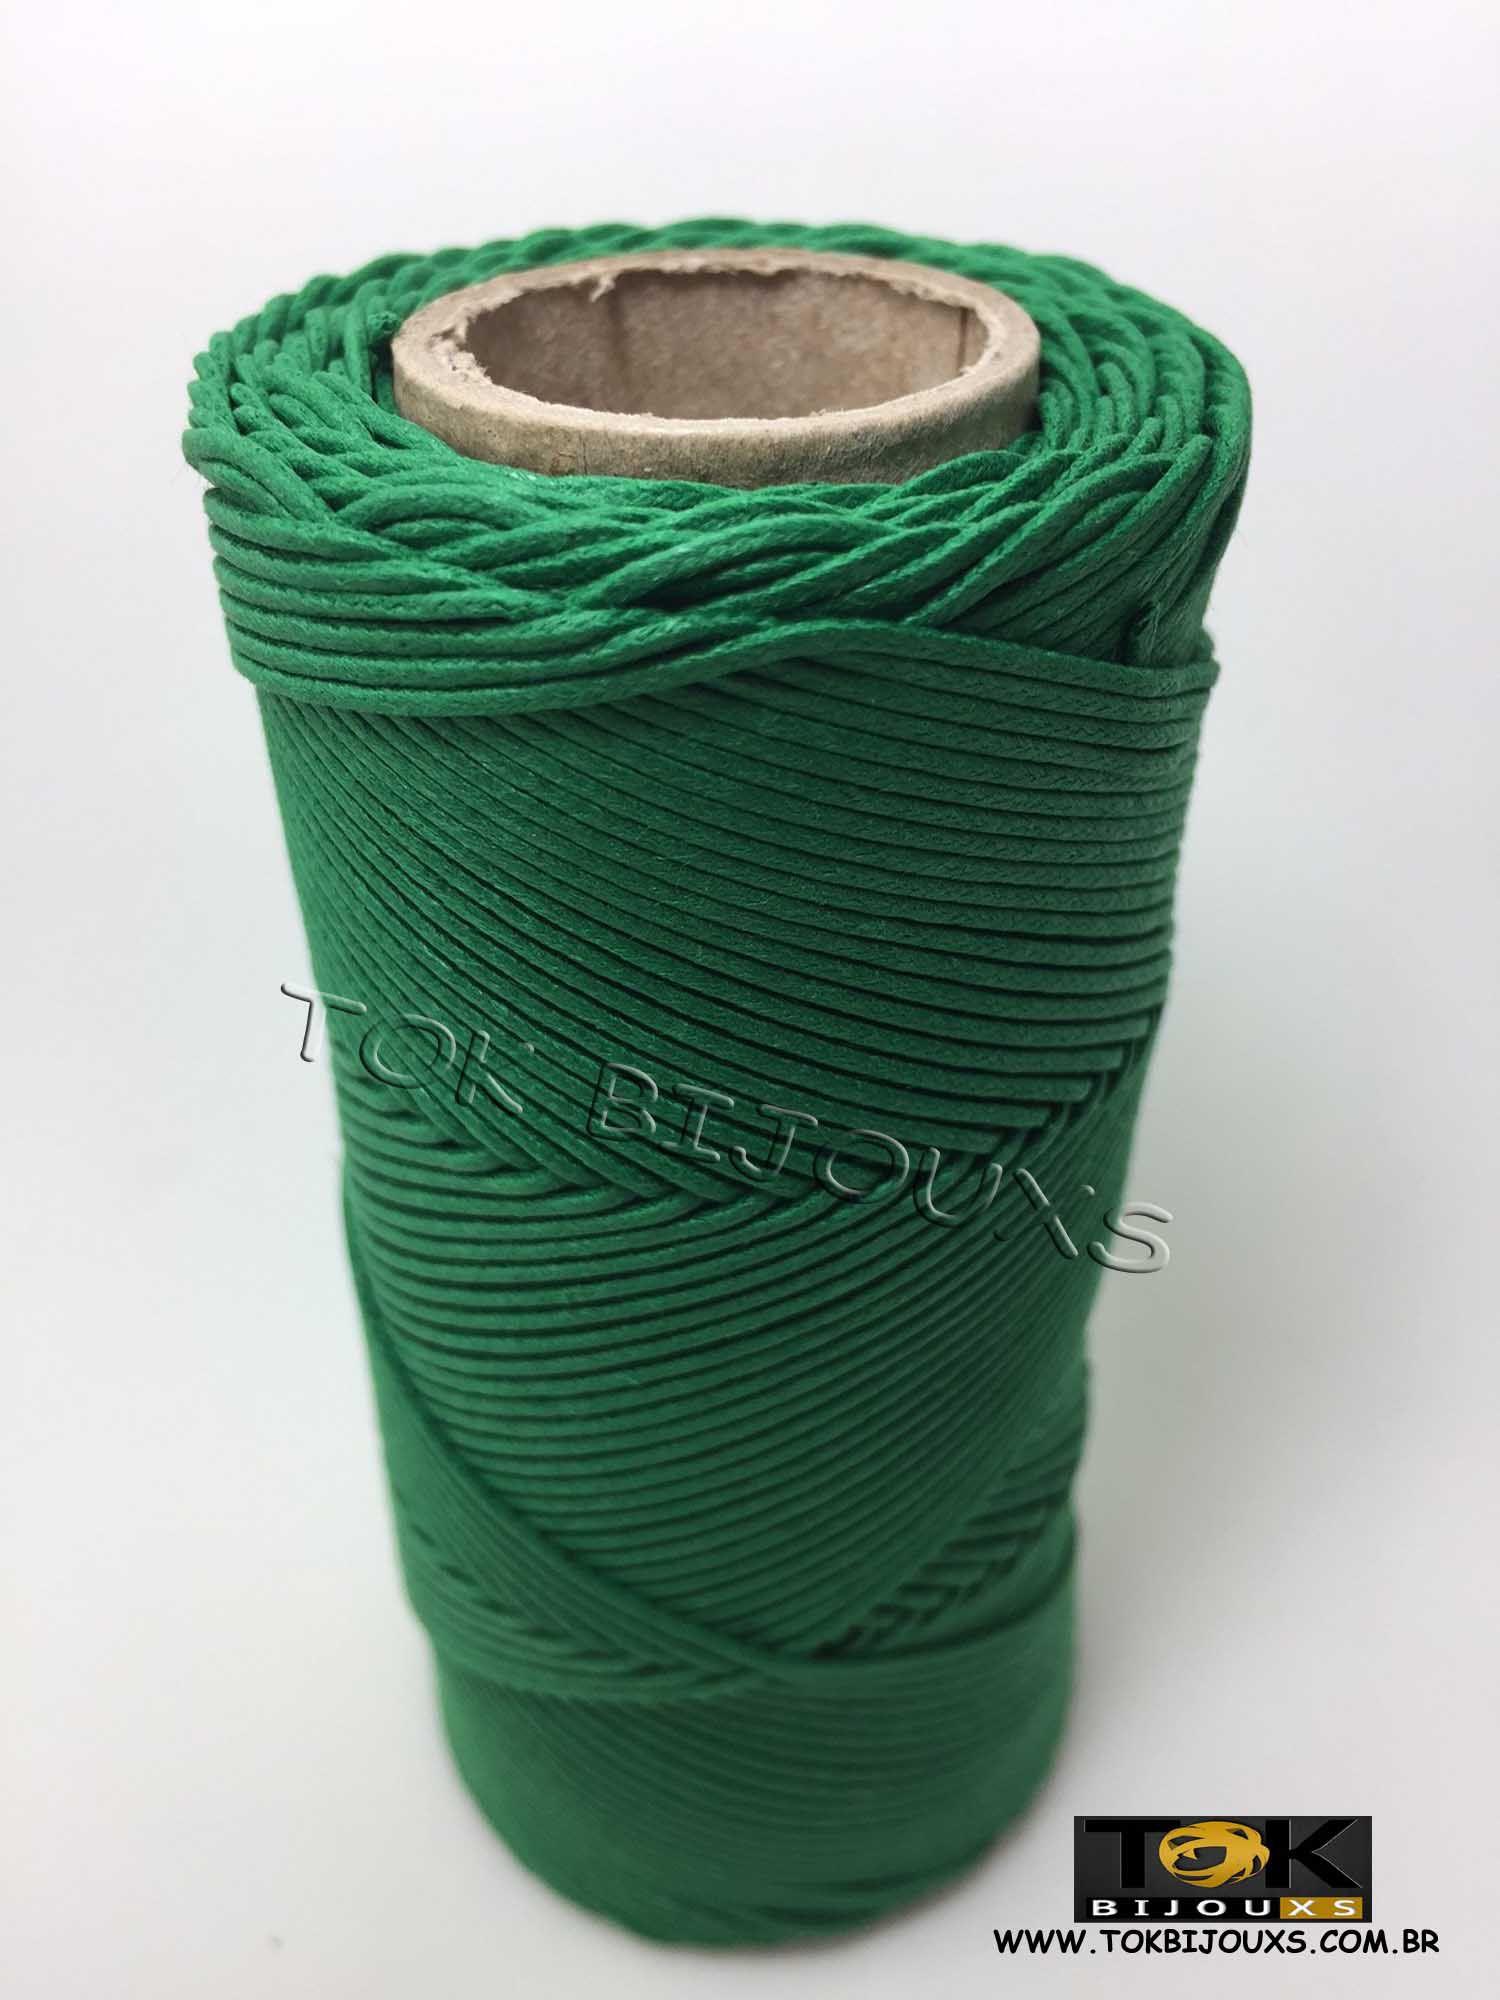 Cordão Encerado Algodão - 1,5mm - Verde Bandeira